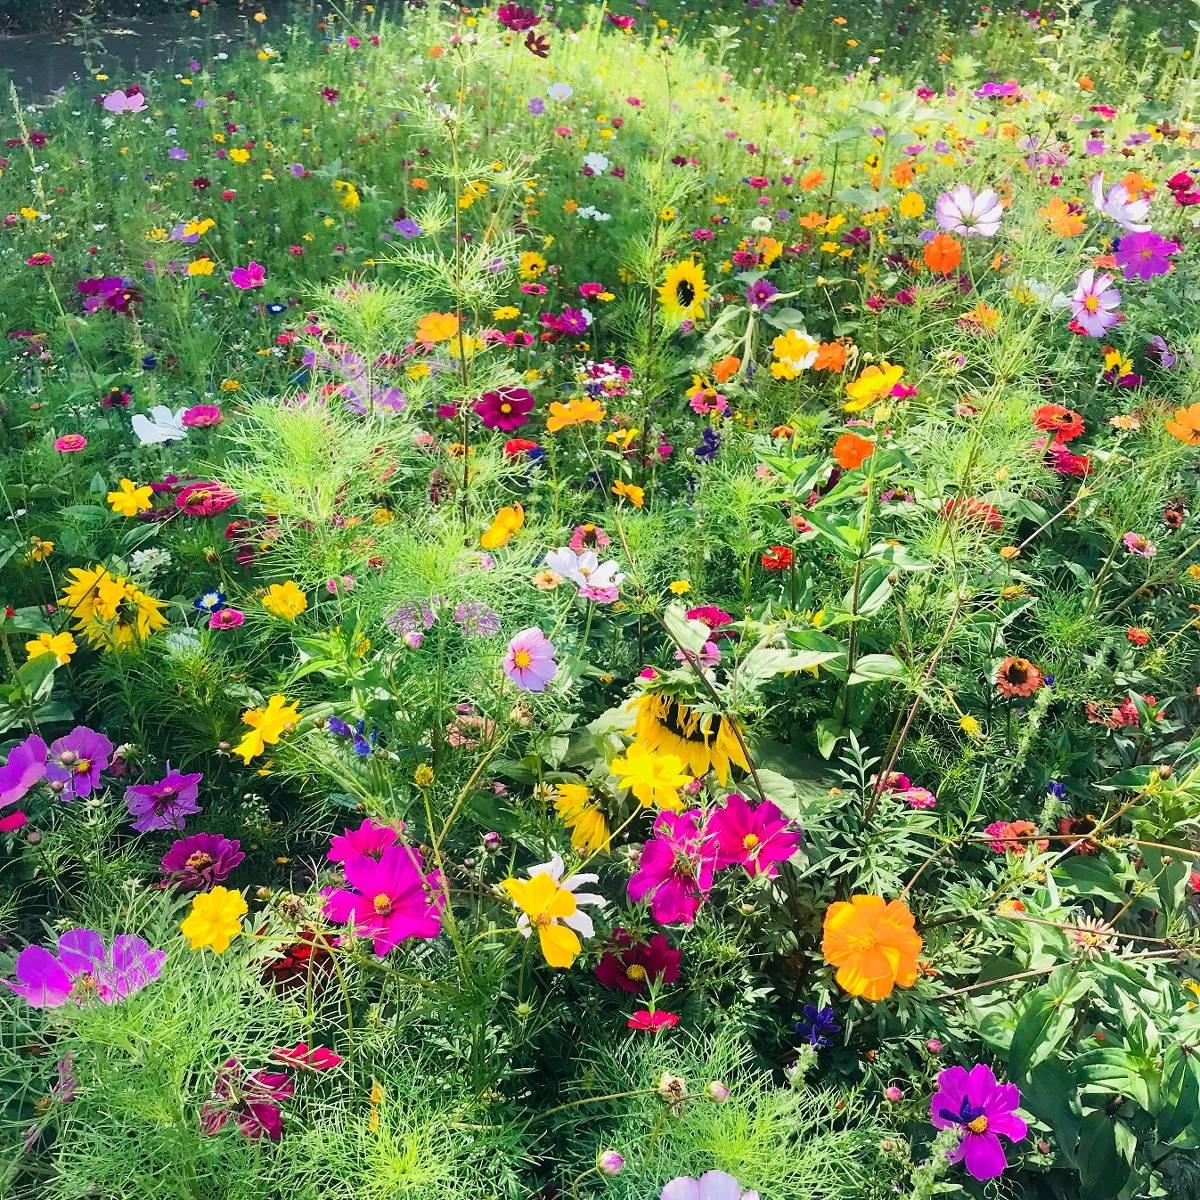 Mönchengladbach 160 Wildblumen Und Staudenoasen Für Die Stadt